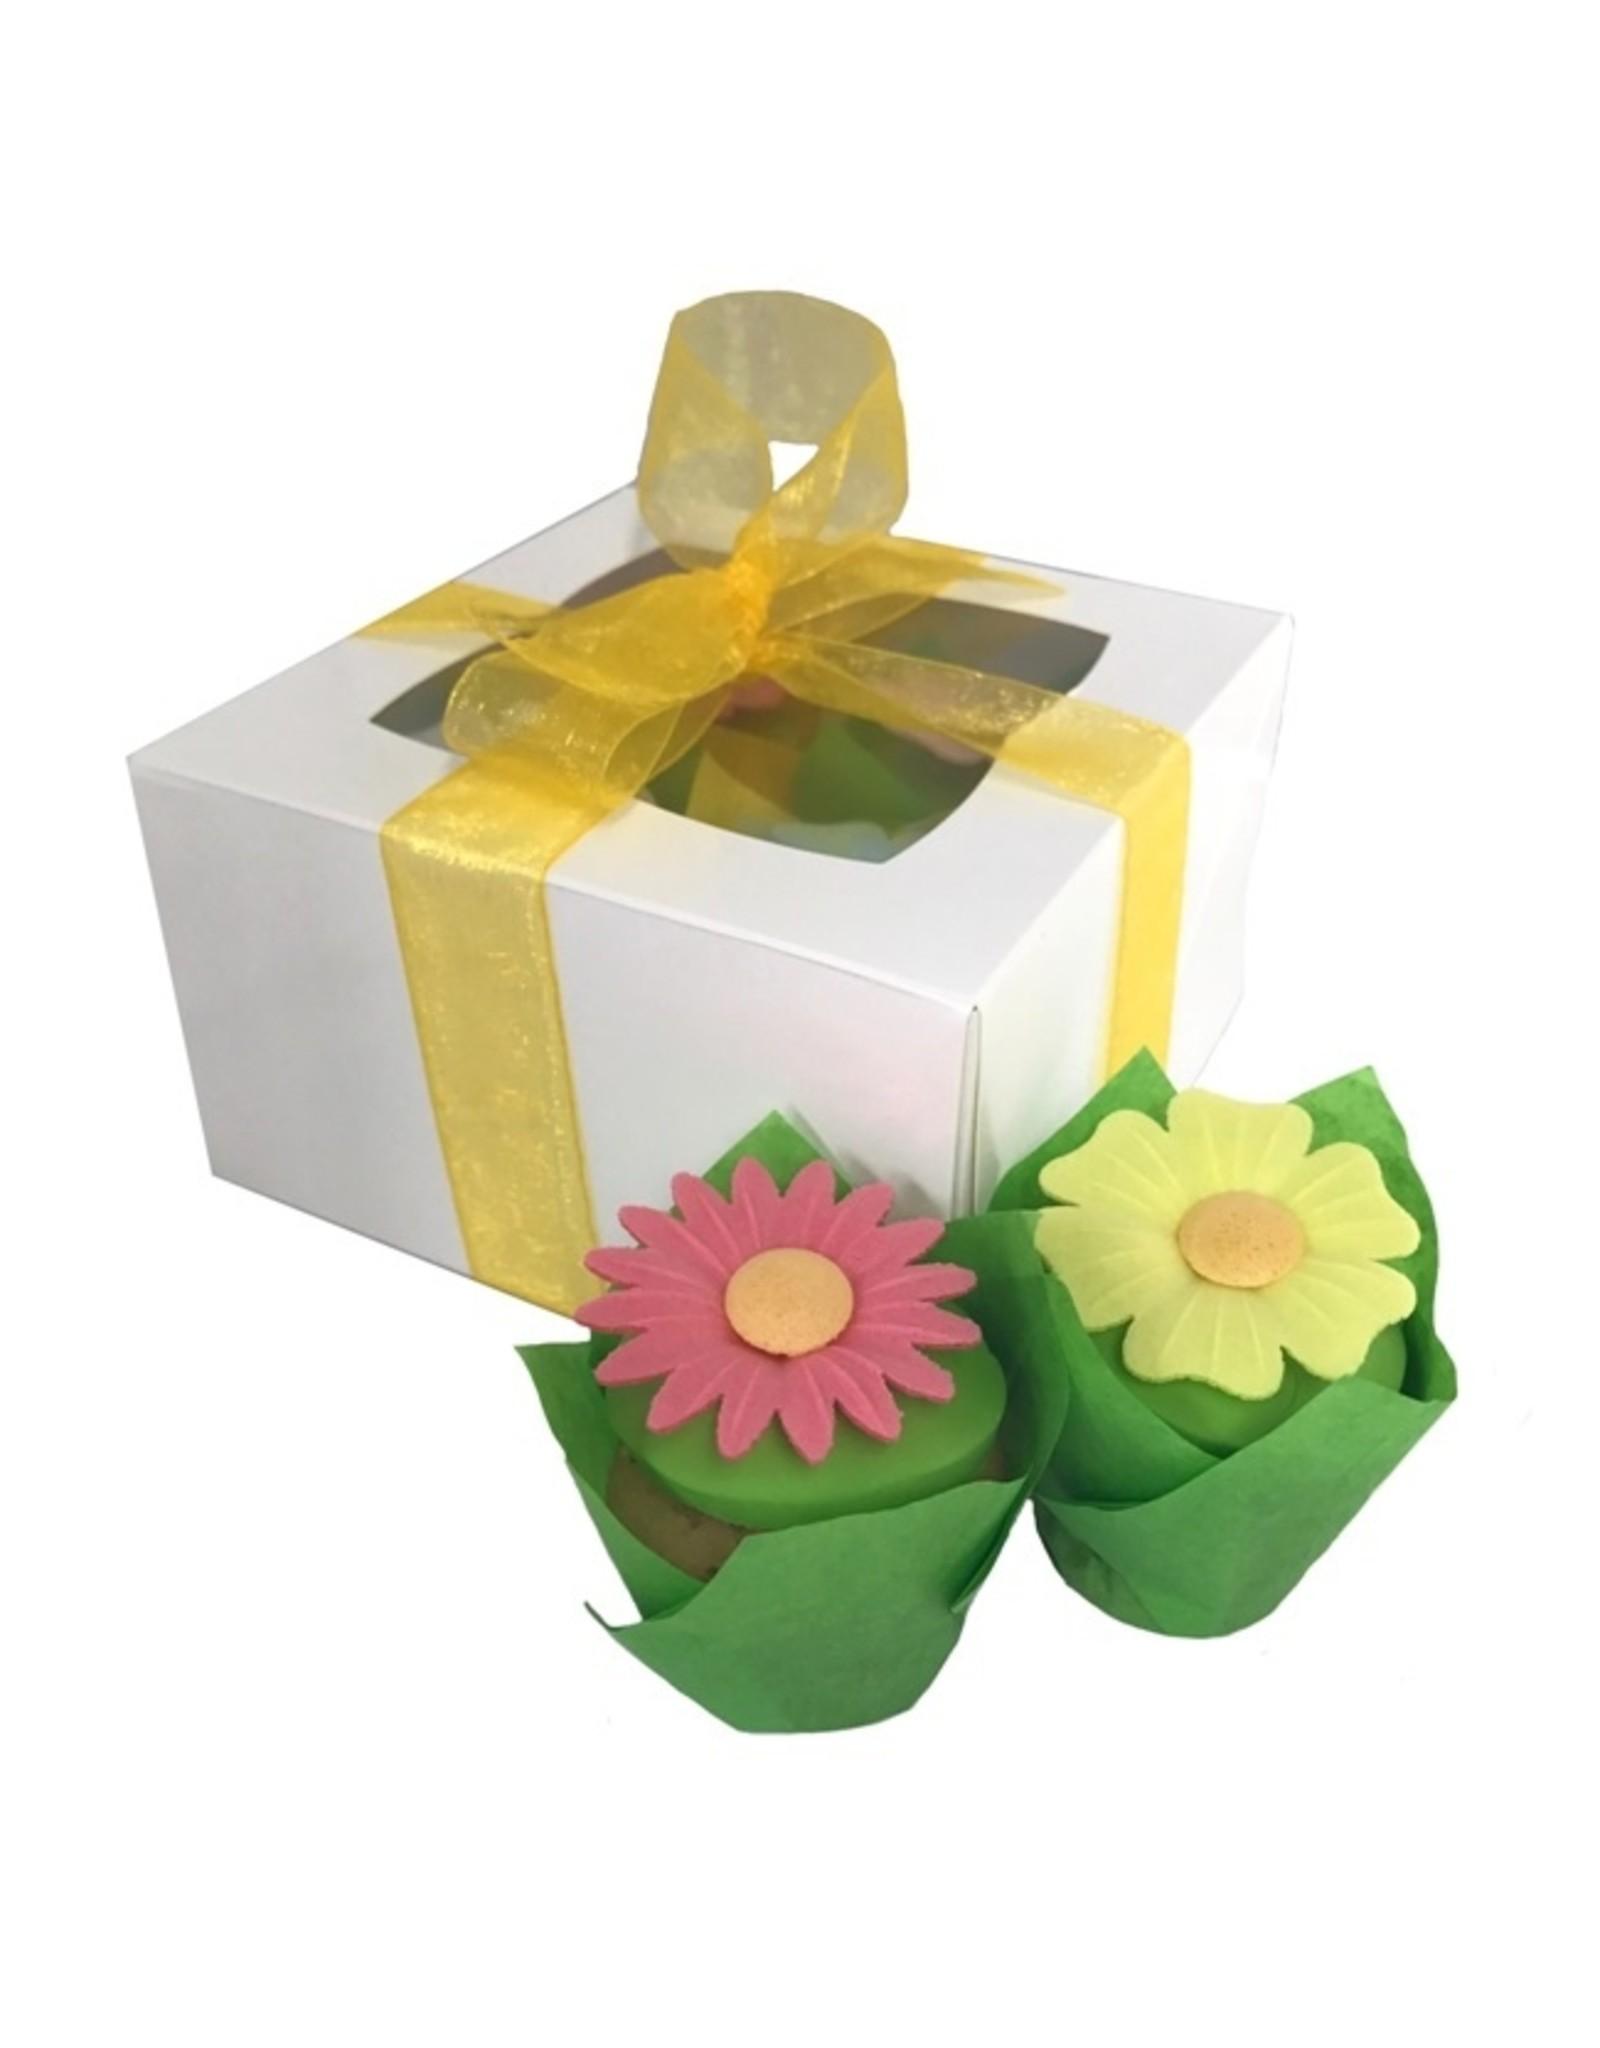 Witte doos voor 4 minicupcakes (per 25 stuks)